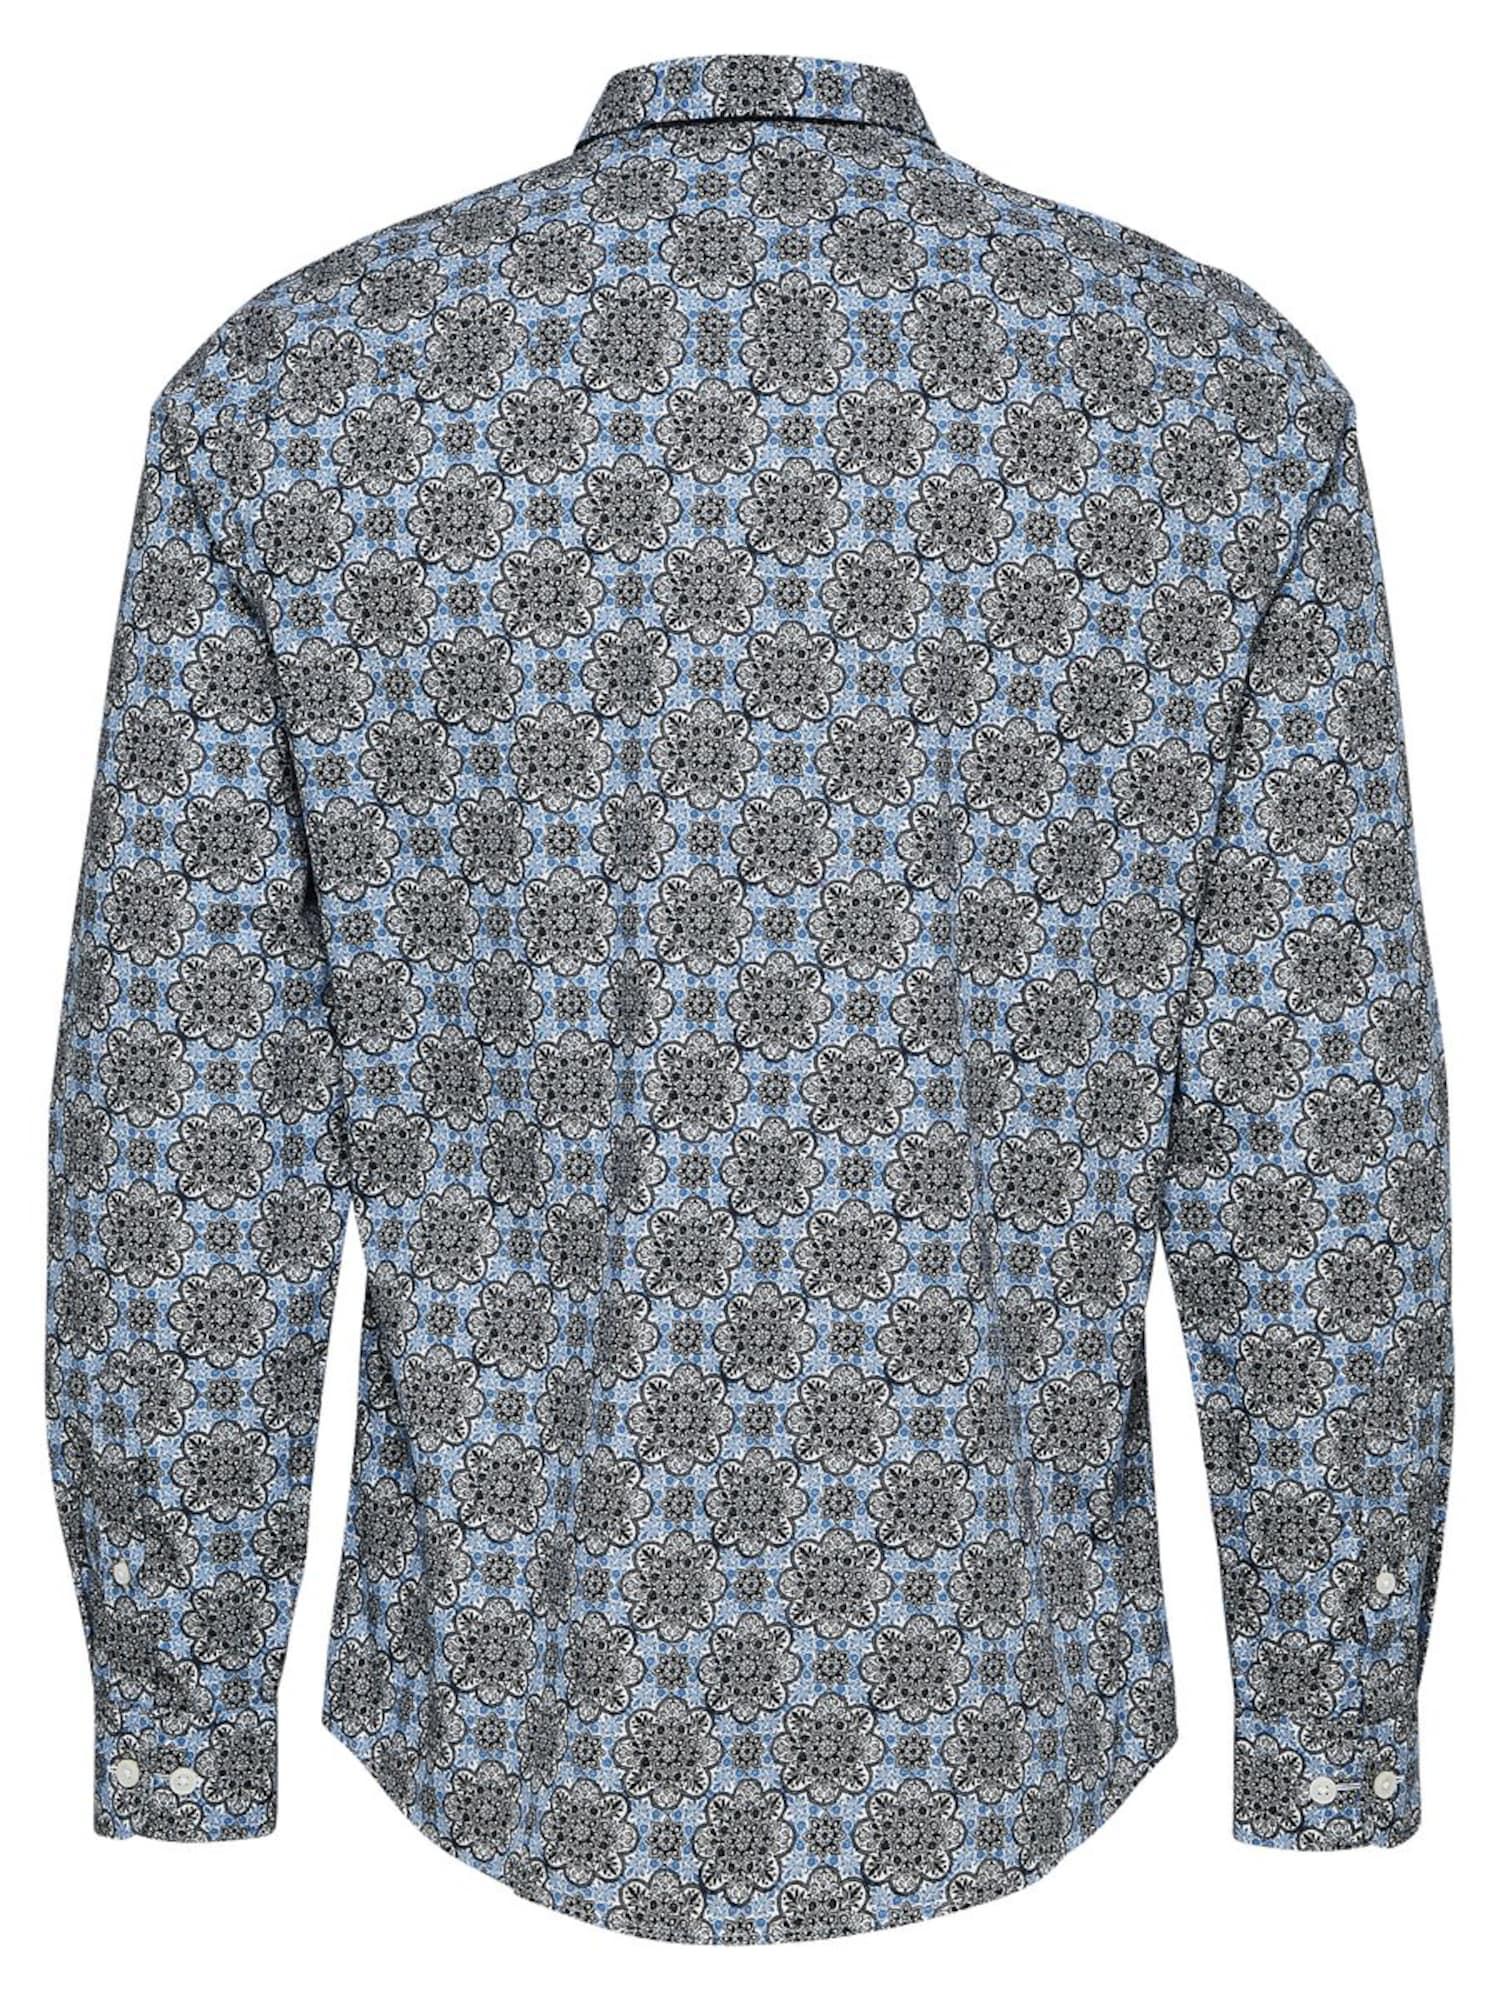 Heren Overhemd Blauw.Selected Homme Heren Overhemd Blauw Gemeleerd Grijs Shop Via